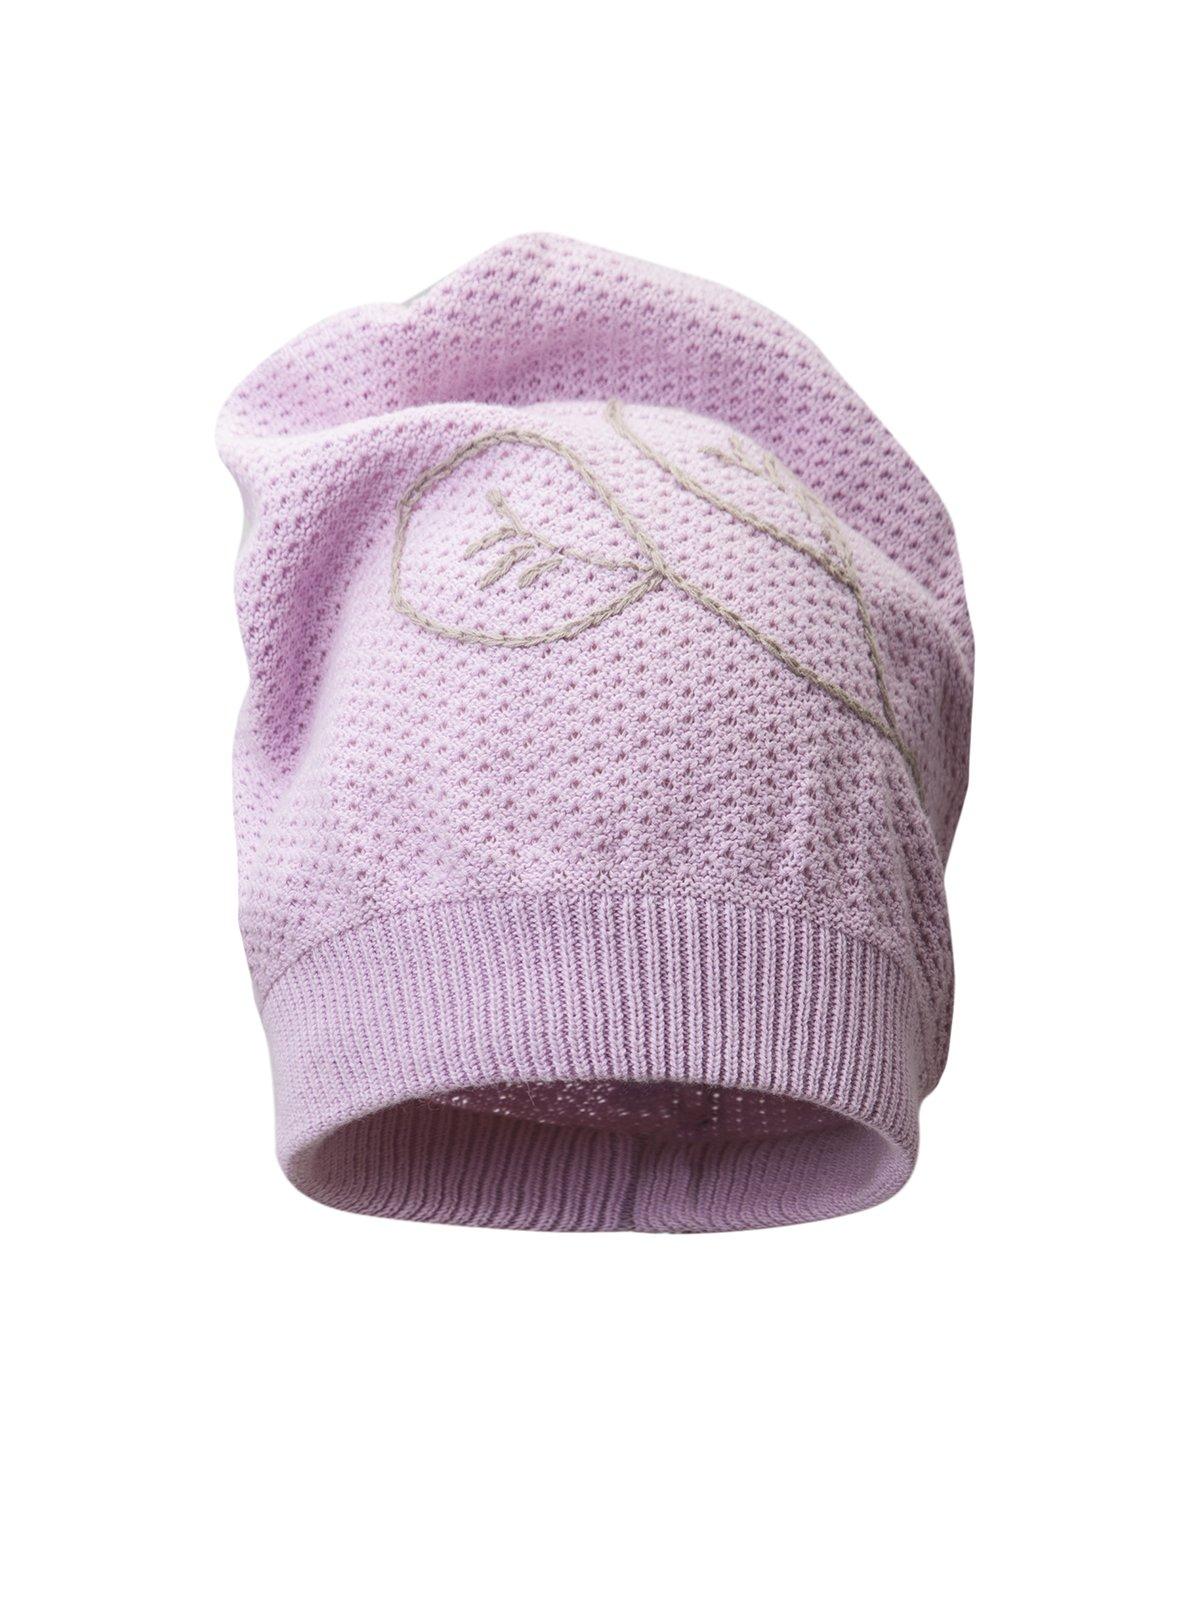 Шапка розовая с вышивкой | 311817 | фото 3